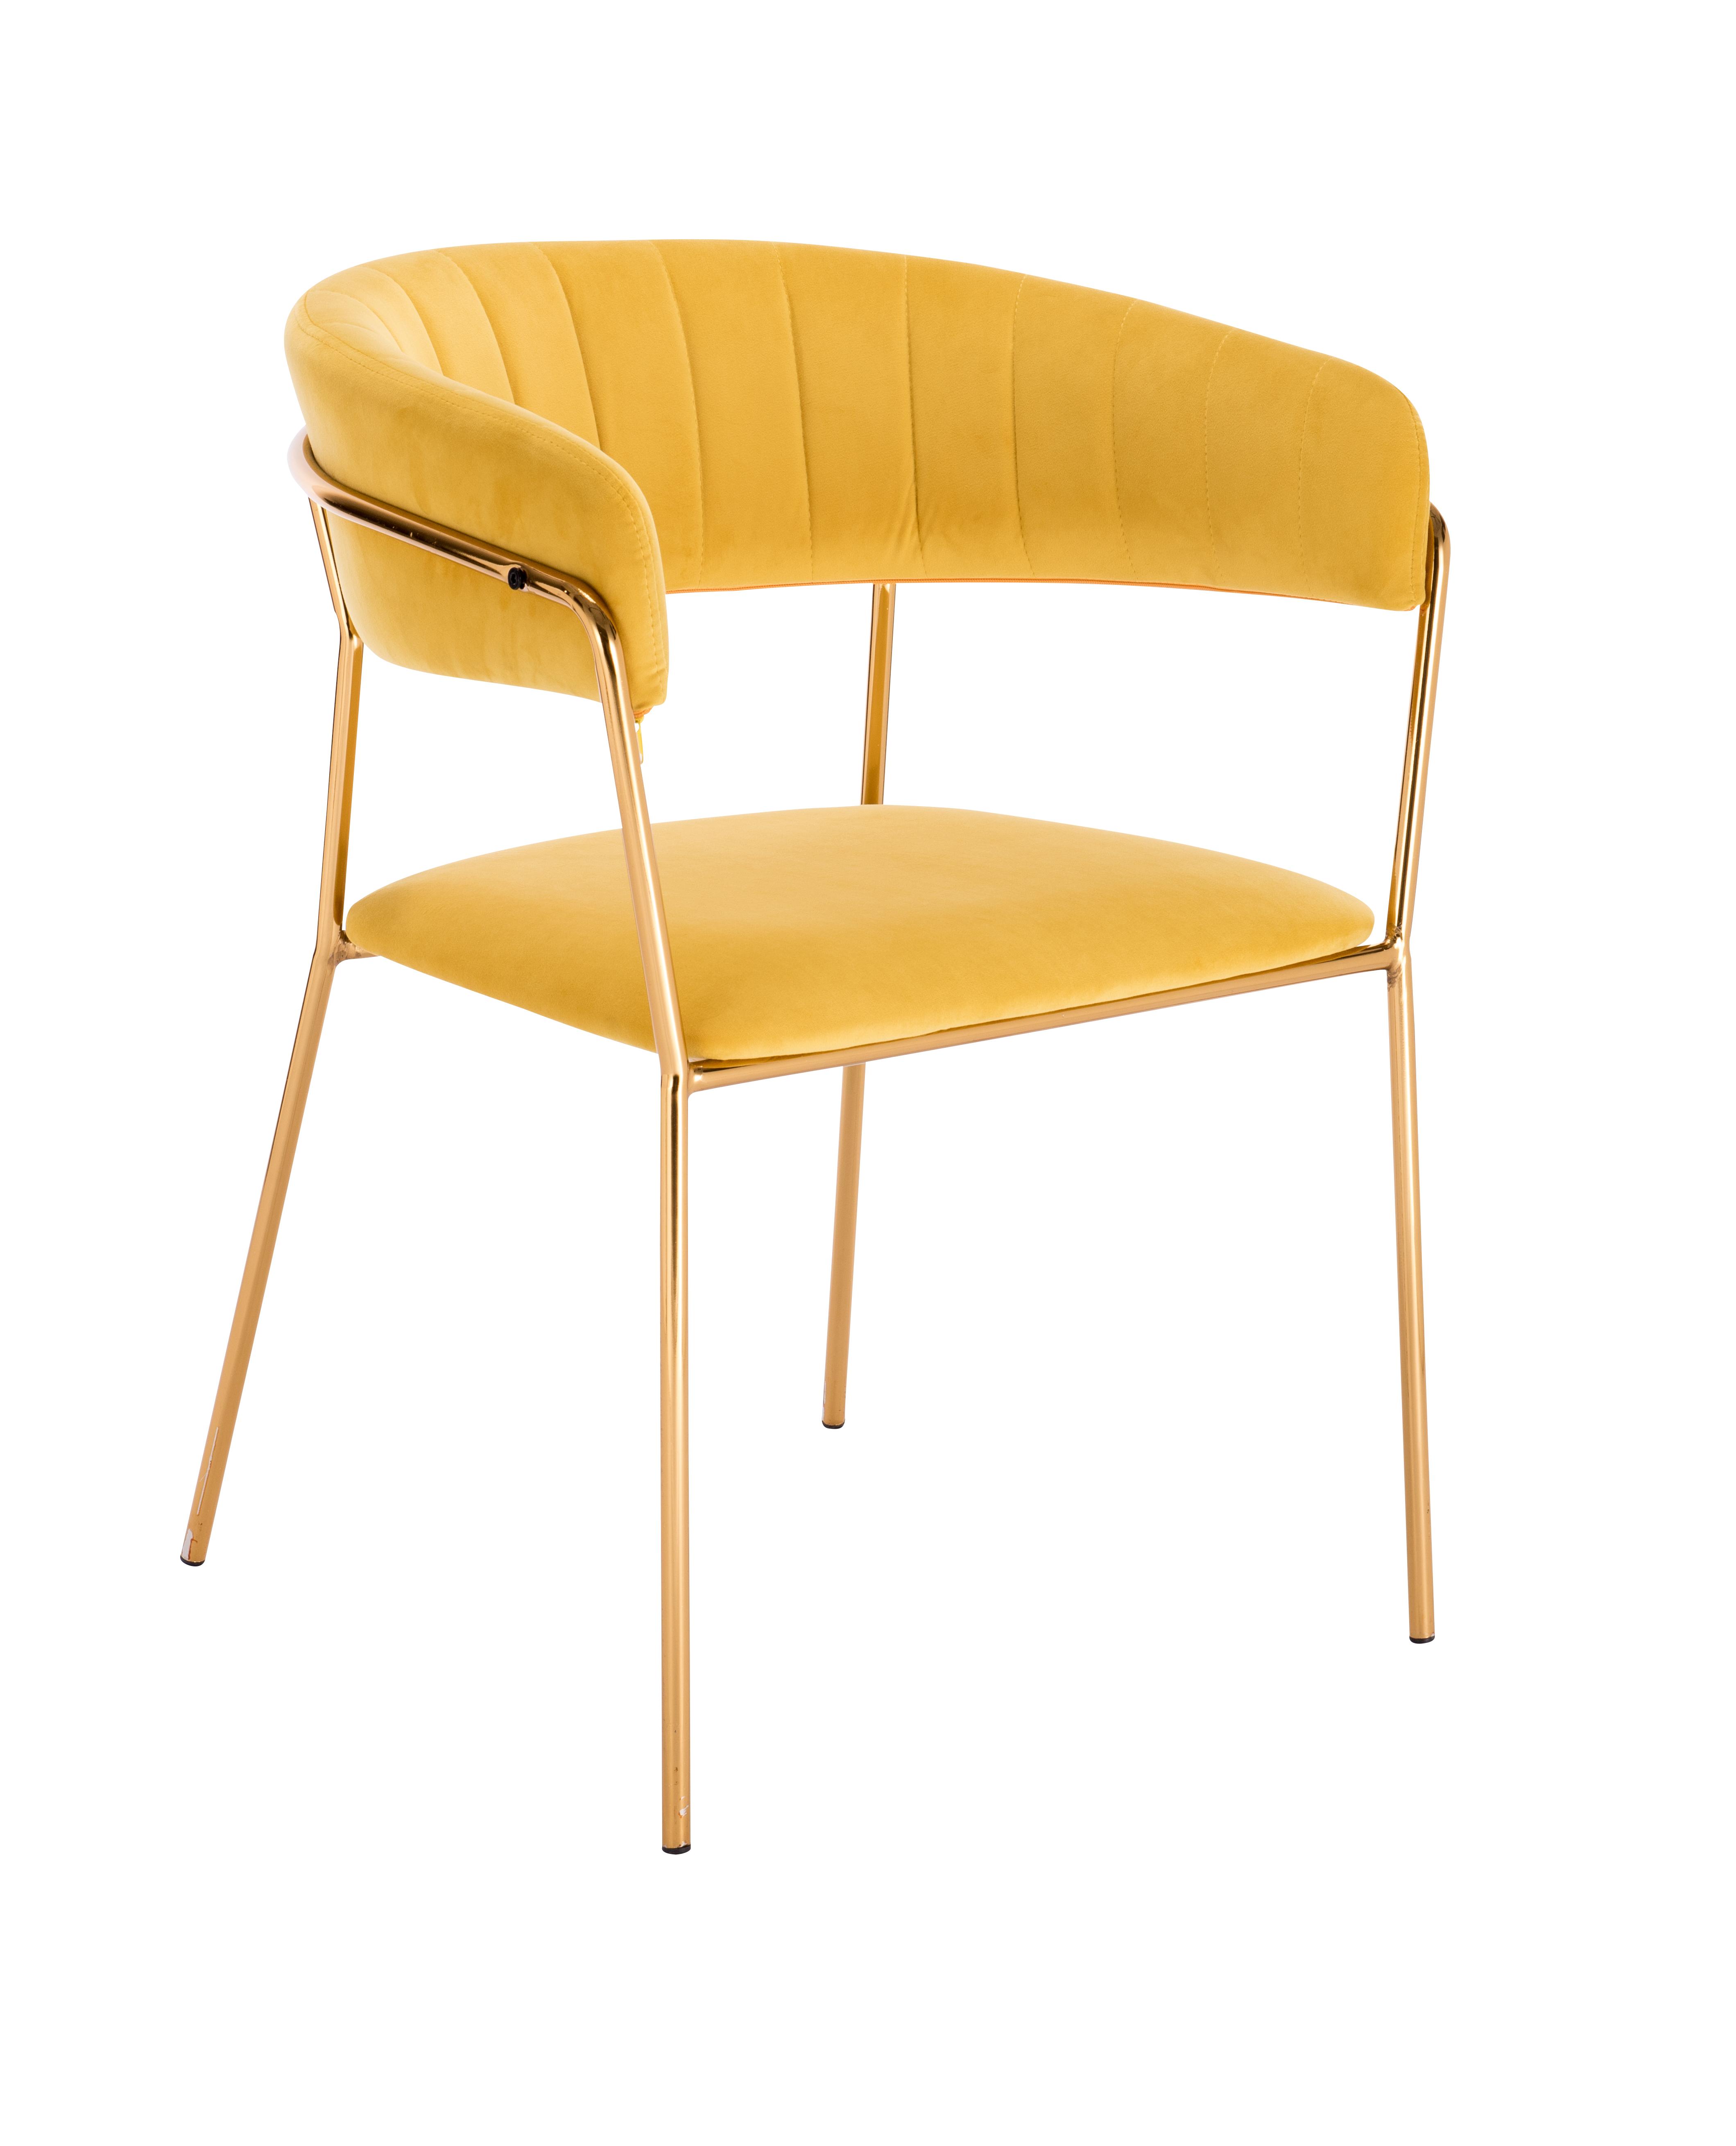 Modern Gold Velvet Vanity Chair Dressing Room Stool Buy Dressing Room Stool Vanity Chair Dressing Room Chair Modern Gold Chair Lounge Chair Modern Velvet Chair Product On Alibaba Com